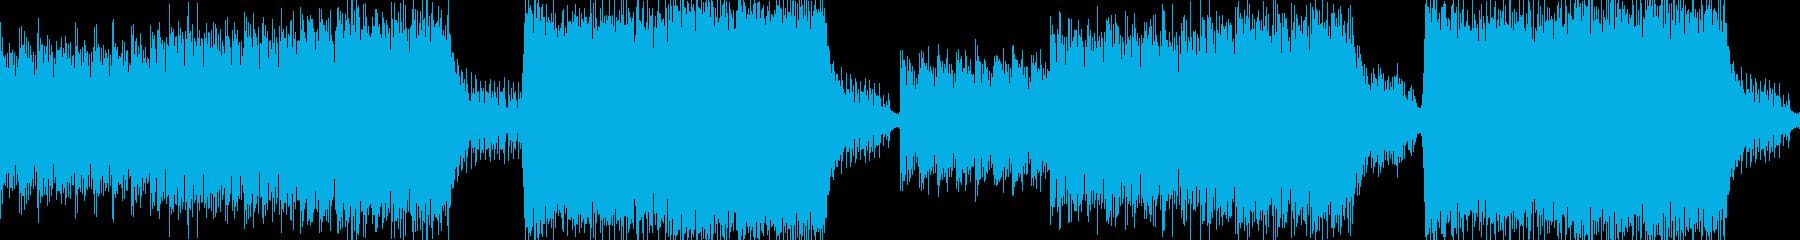 感動的なピアノ CM/企業VP等 DLの再生済みの波形